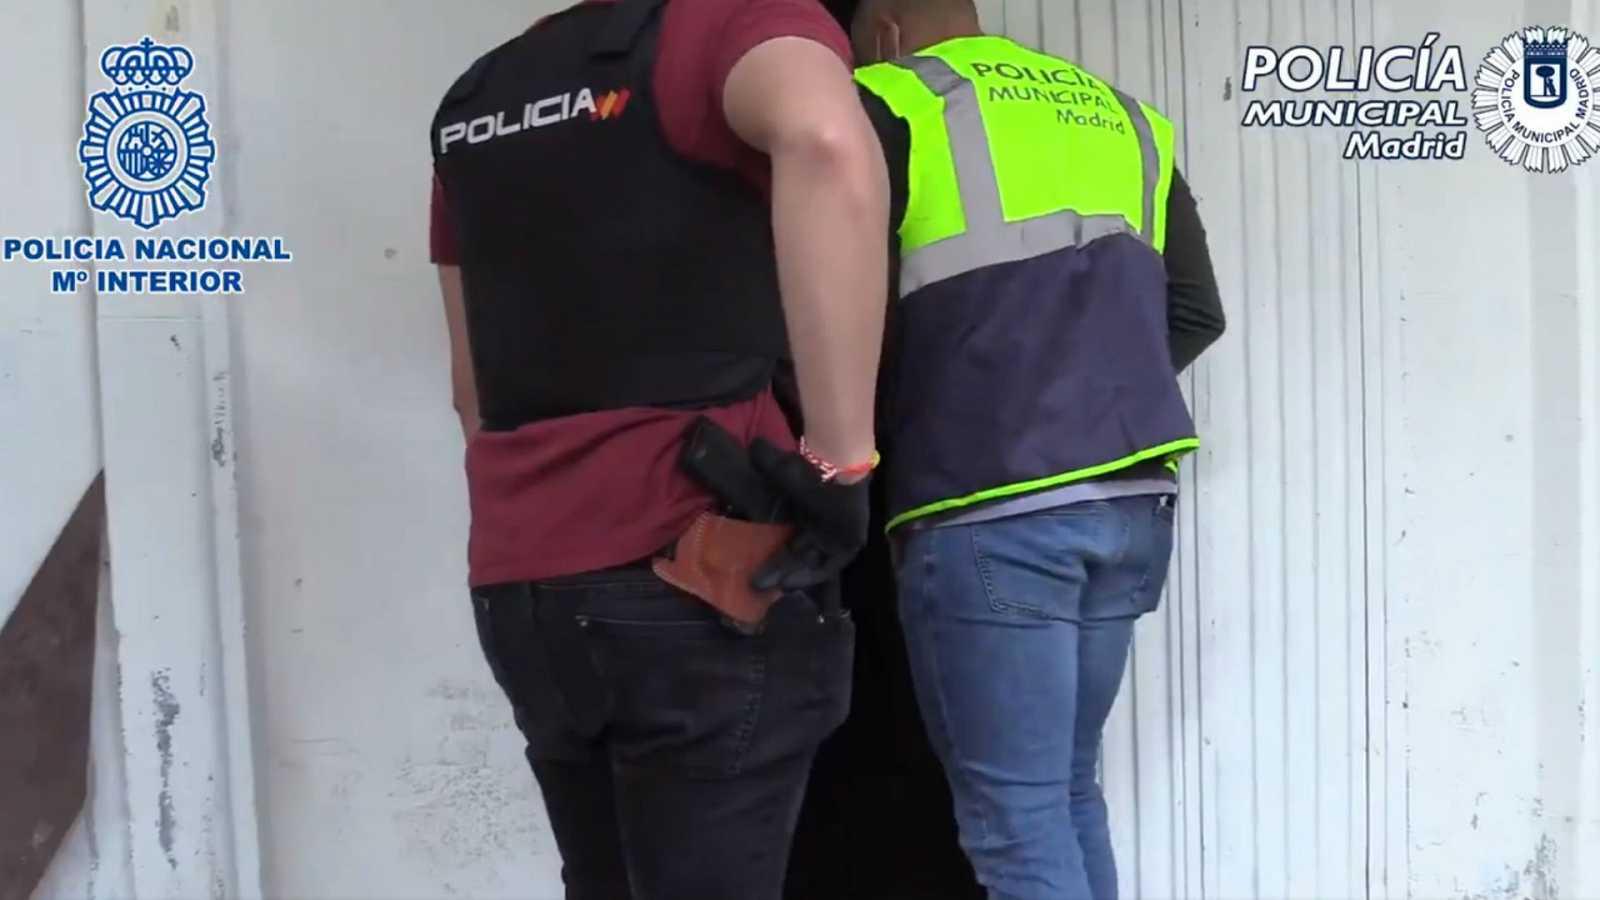 الشرطة الإسبانية مهاجرا 61 ظروف غير إنسانية